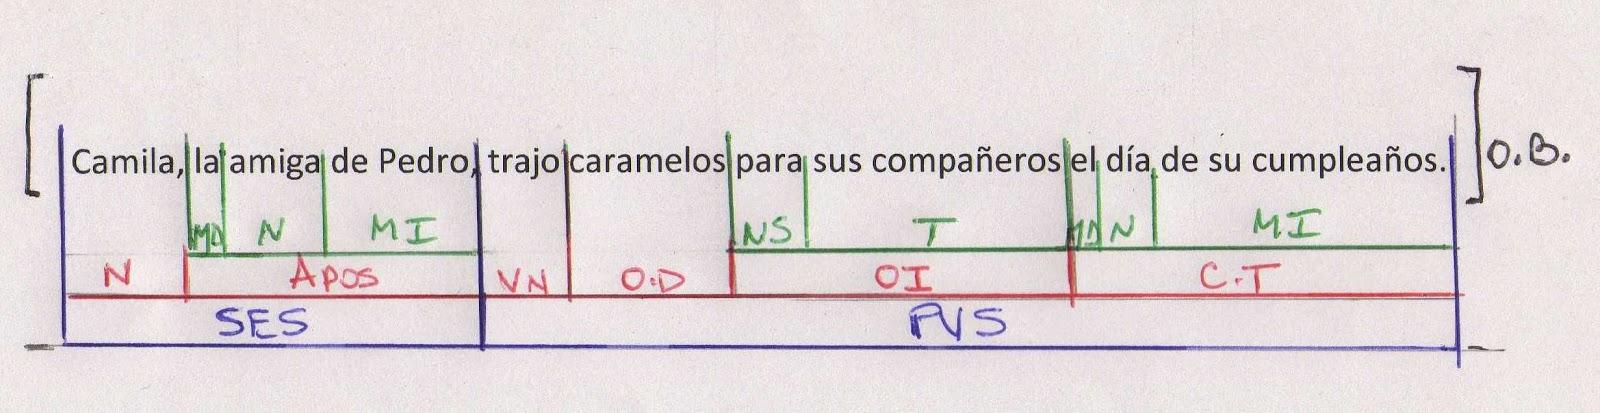 Prácticas del lenguaje 3 - 2015: Repaso: oración bimembre simple y ...